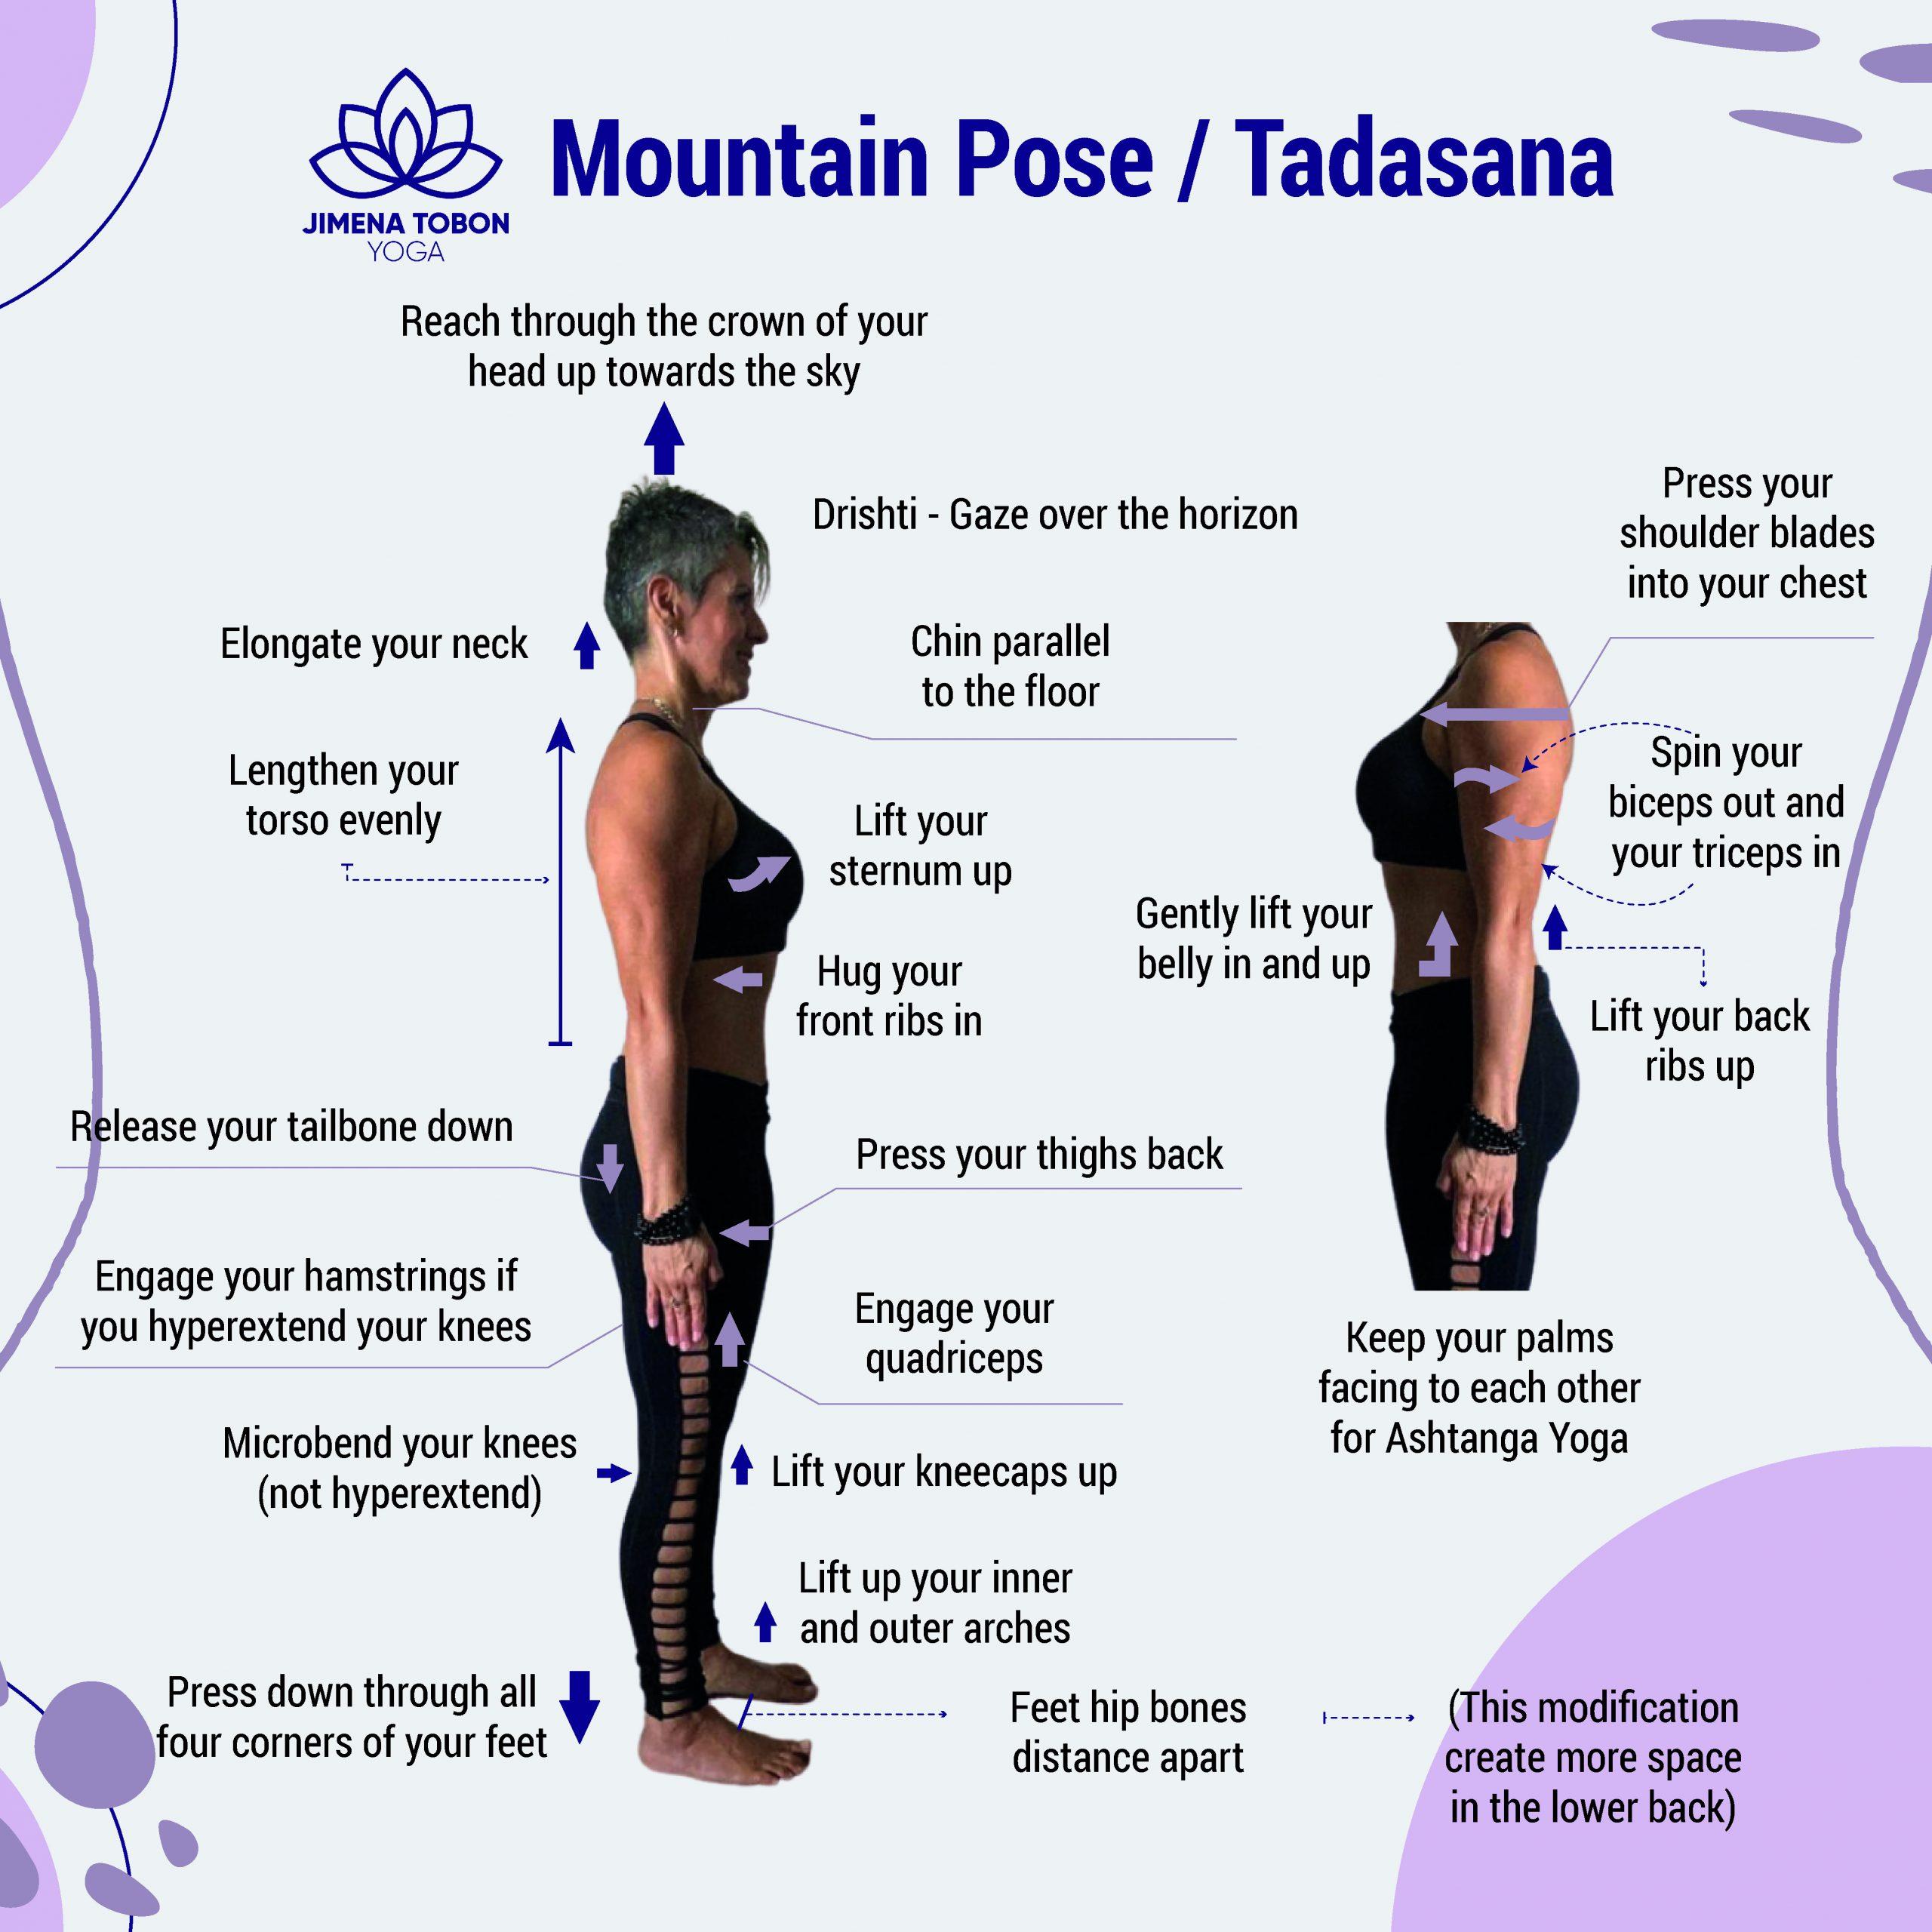 JTYMountainPose-Tadasana-side